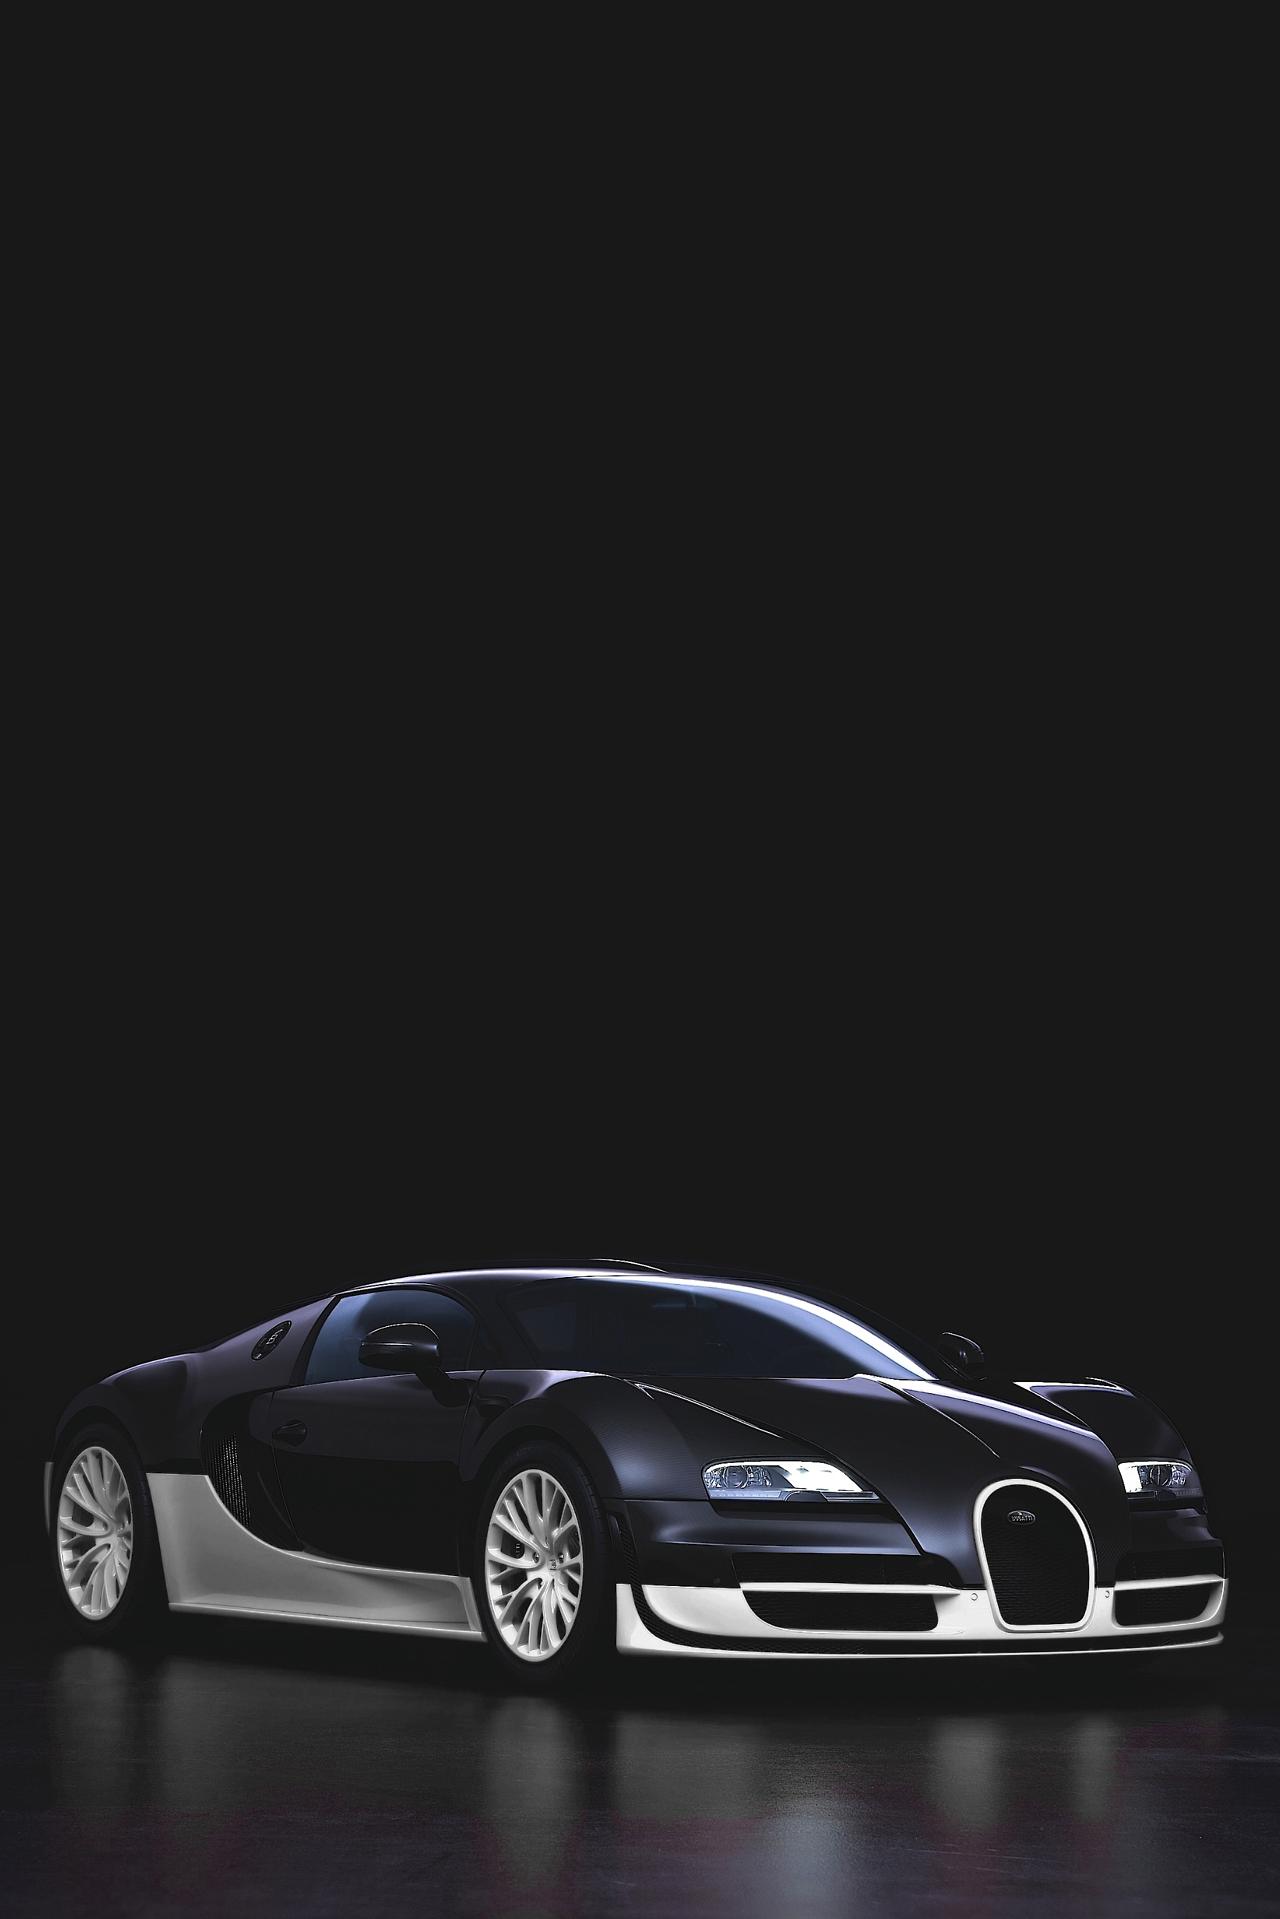 Bugatti Veyron Lgmsports Com Bugatti Cars Bugatti Bugatti Veyron